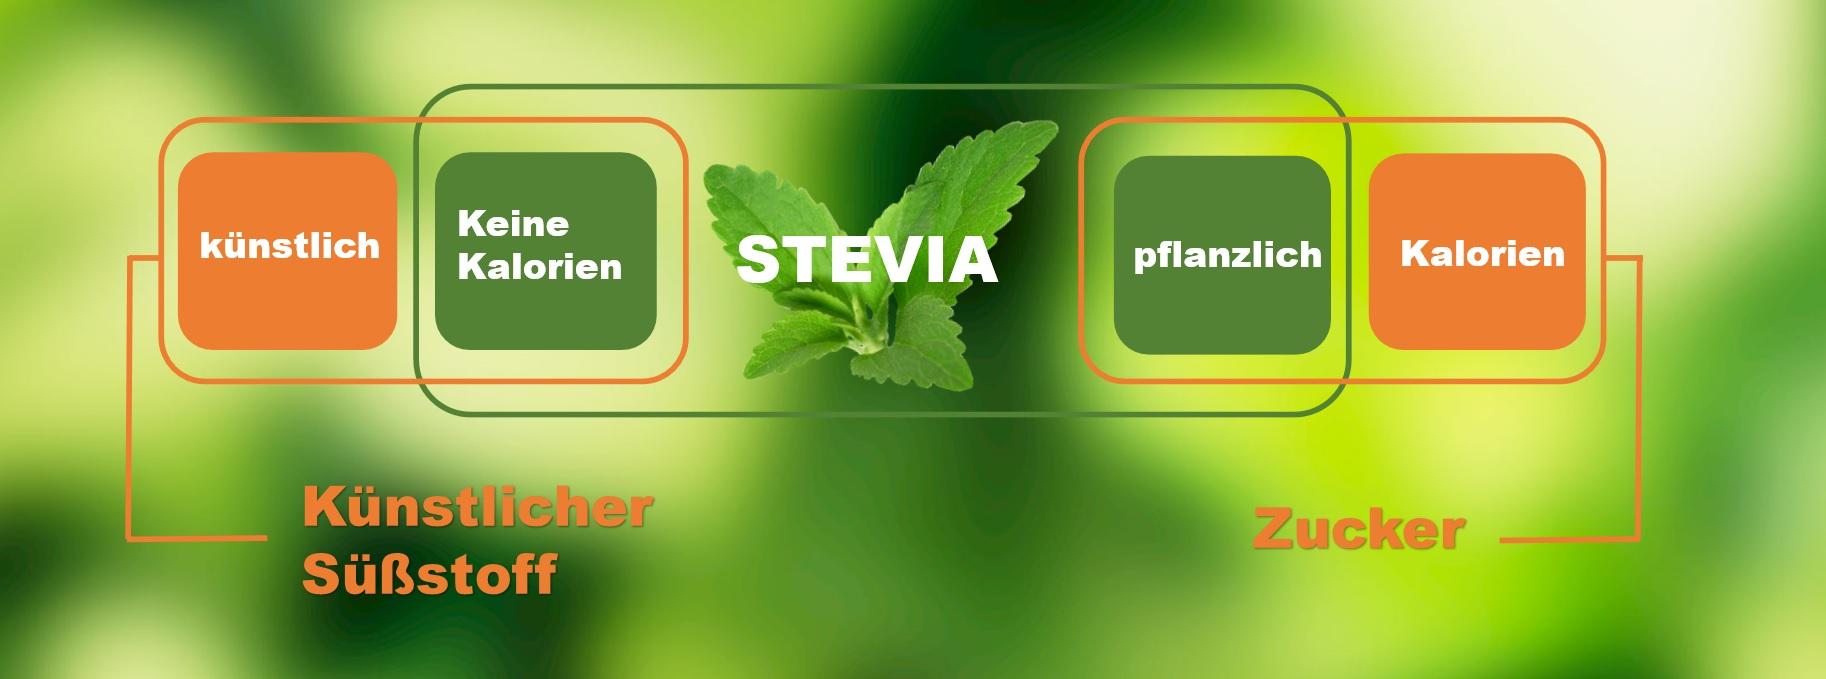 Zucker vs. Stevia stevia süssung